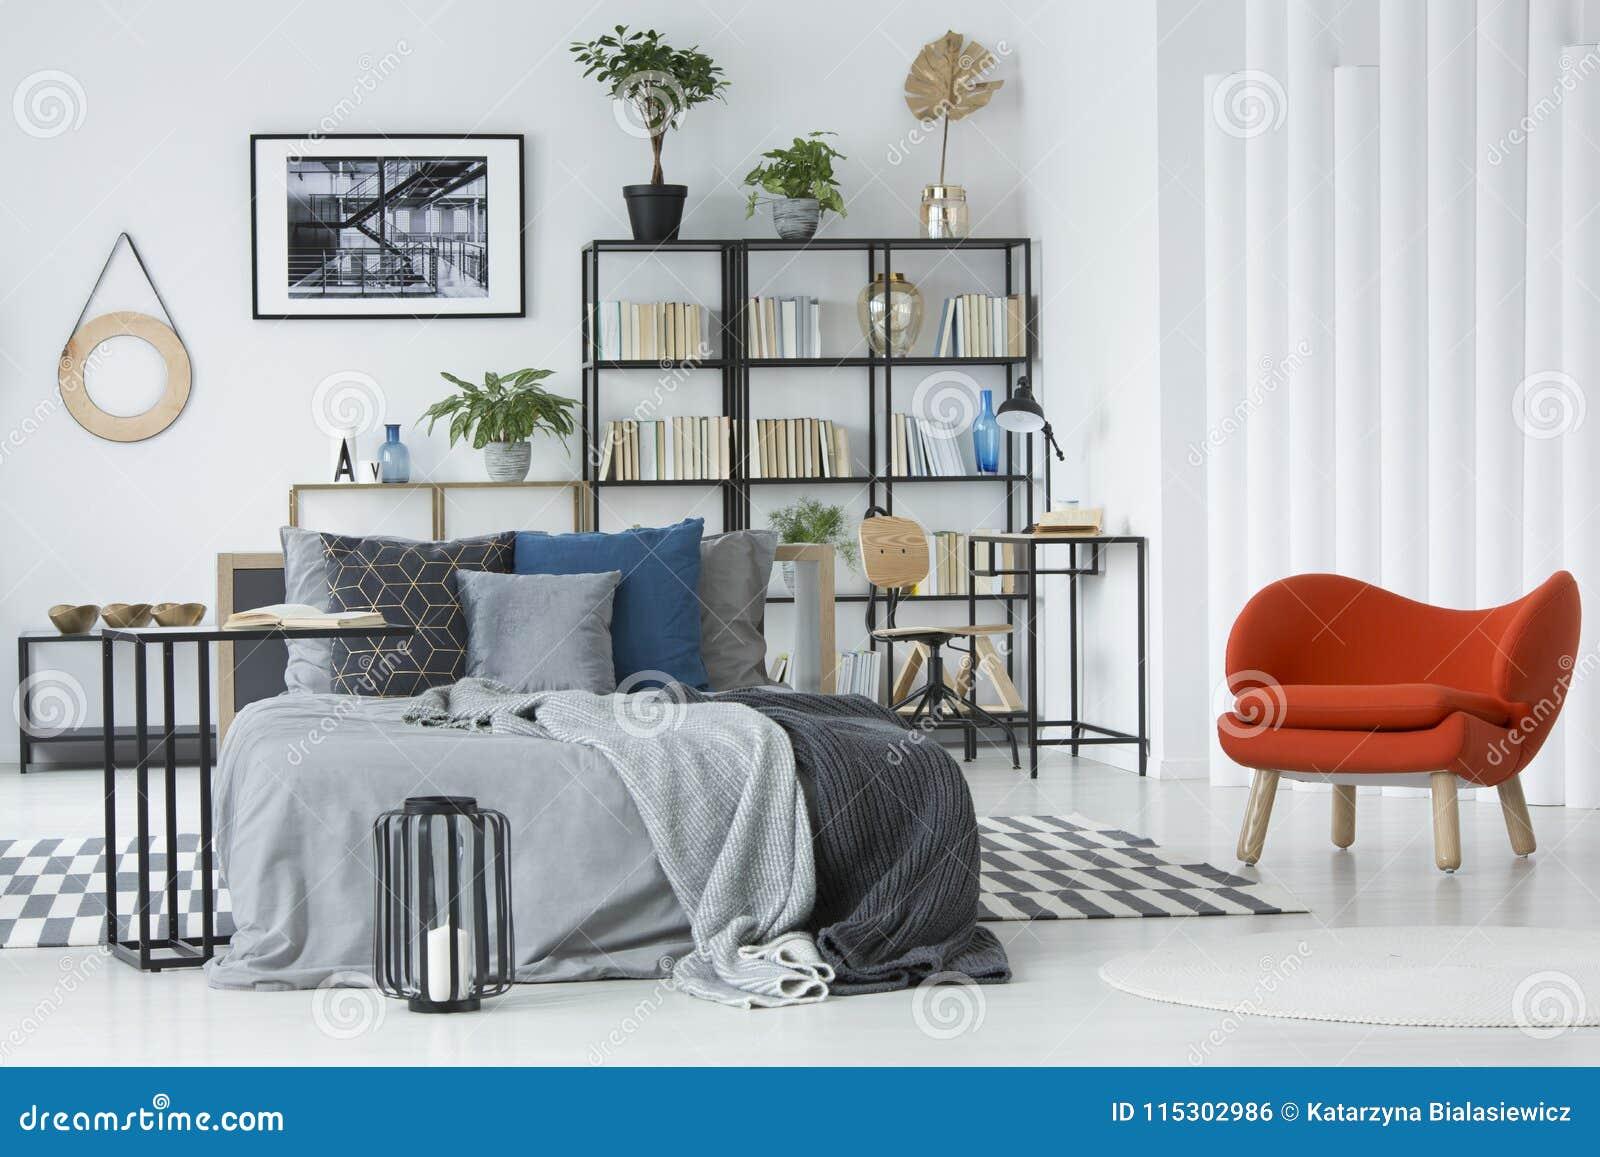 Fauteuil Orange Dans L\'intérieur De Chambre à Coucher Photo stock ...